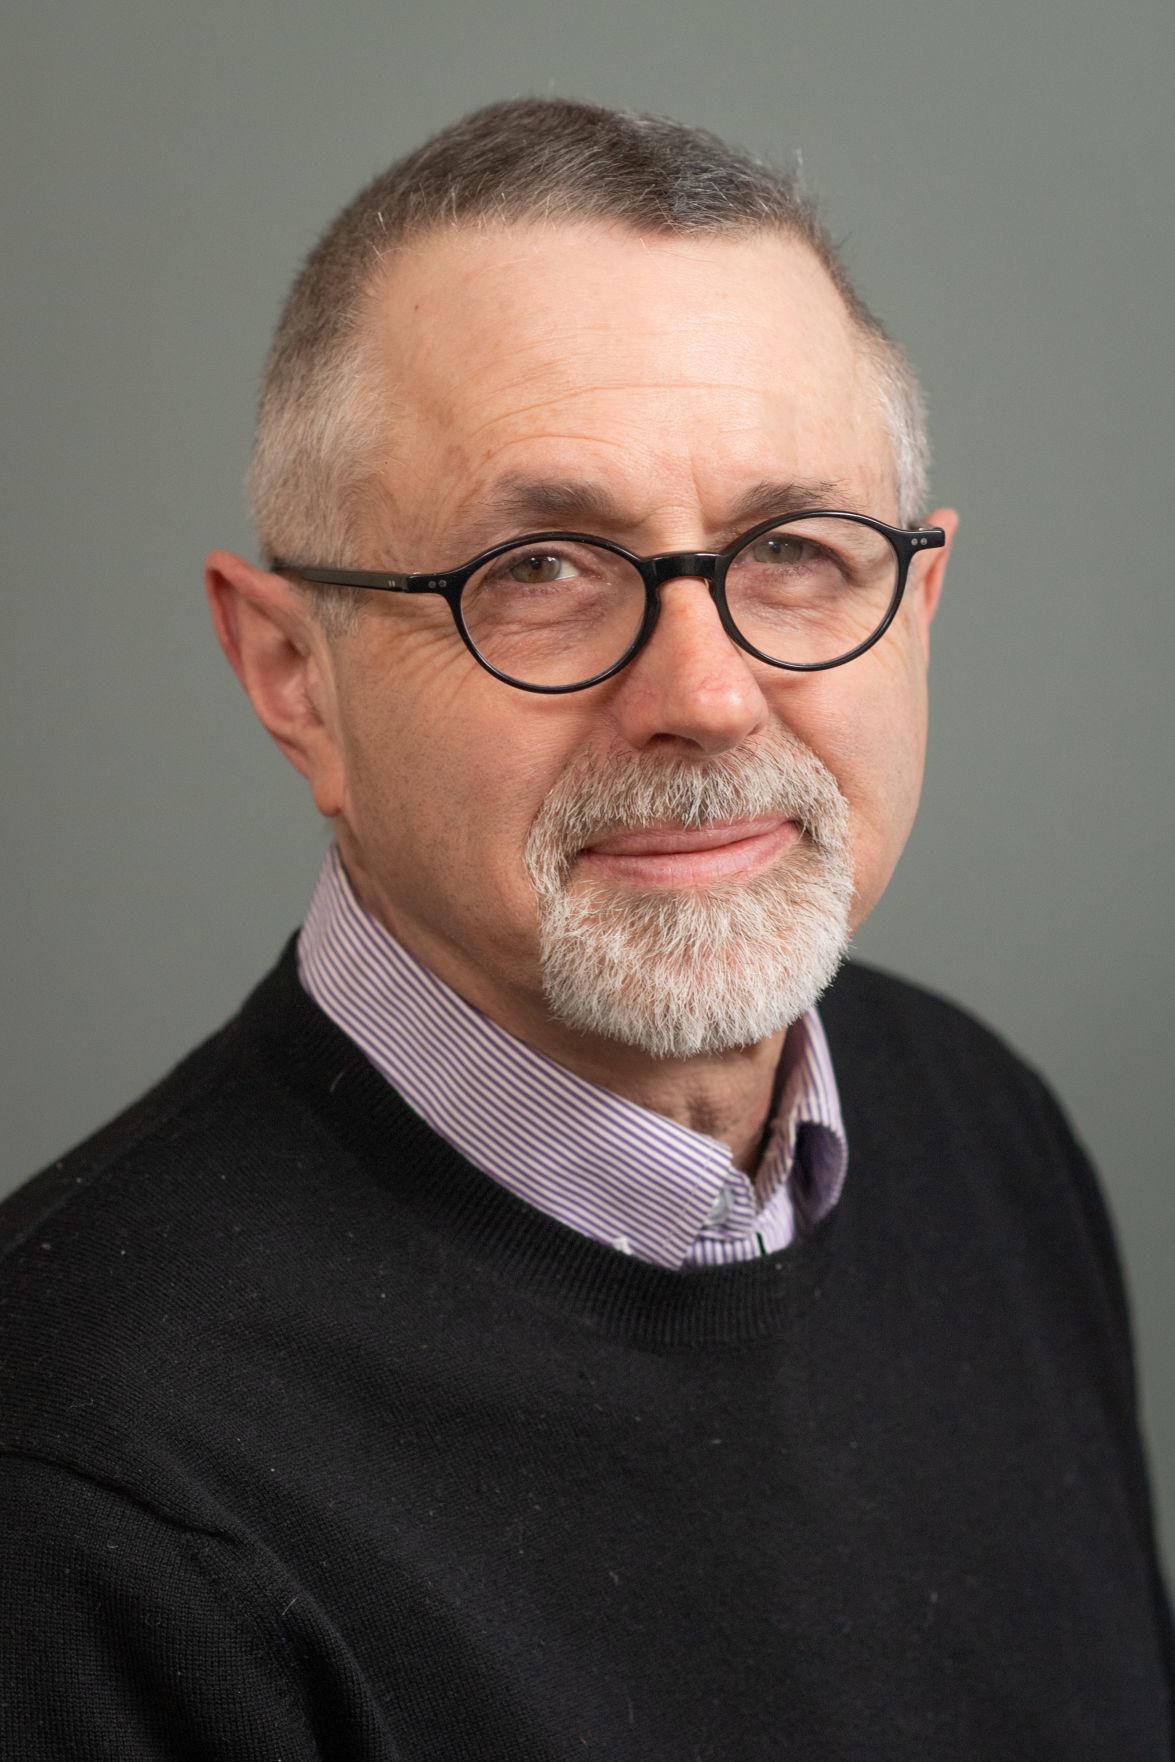 Lewis Friedland